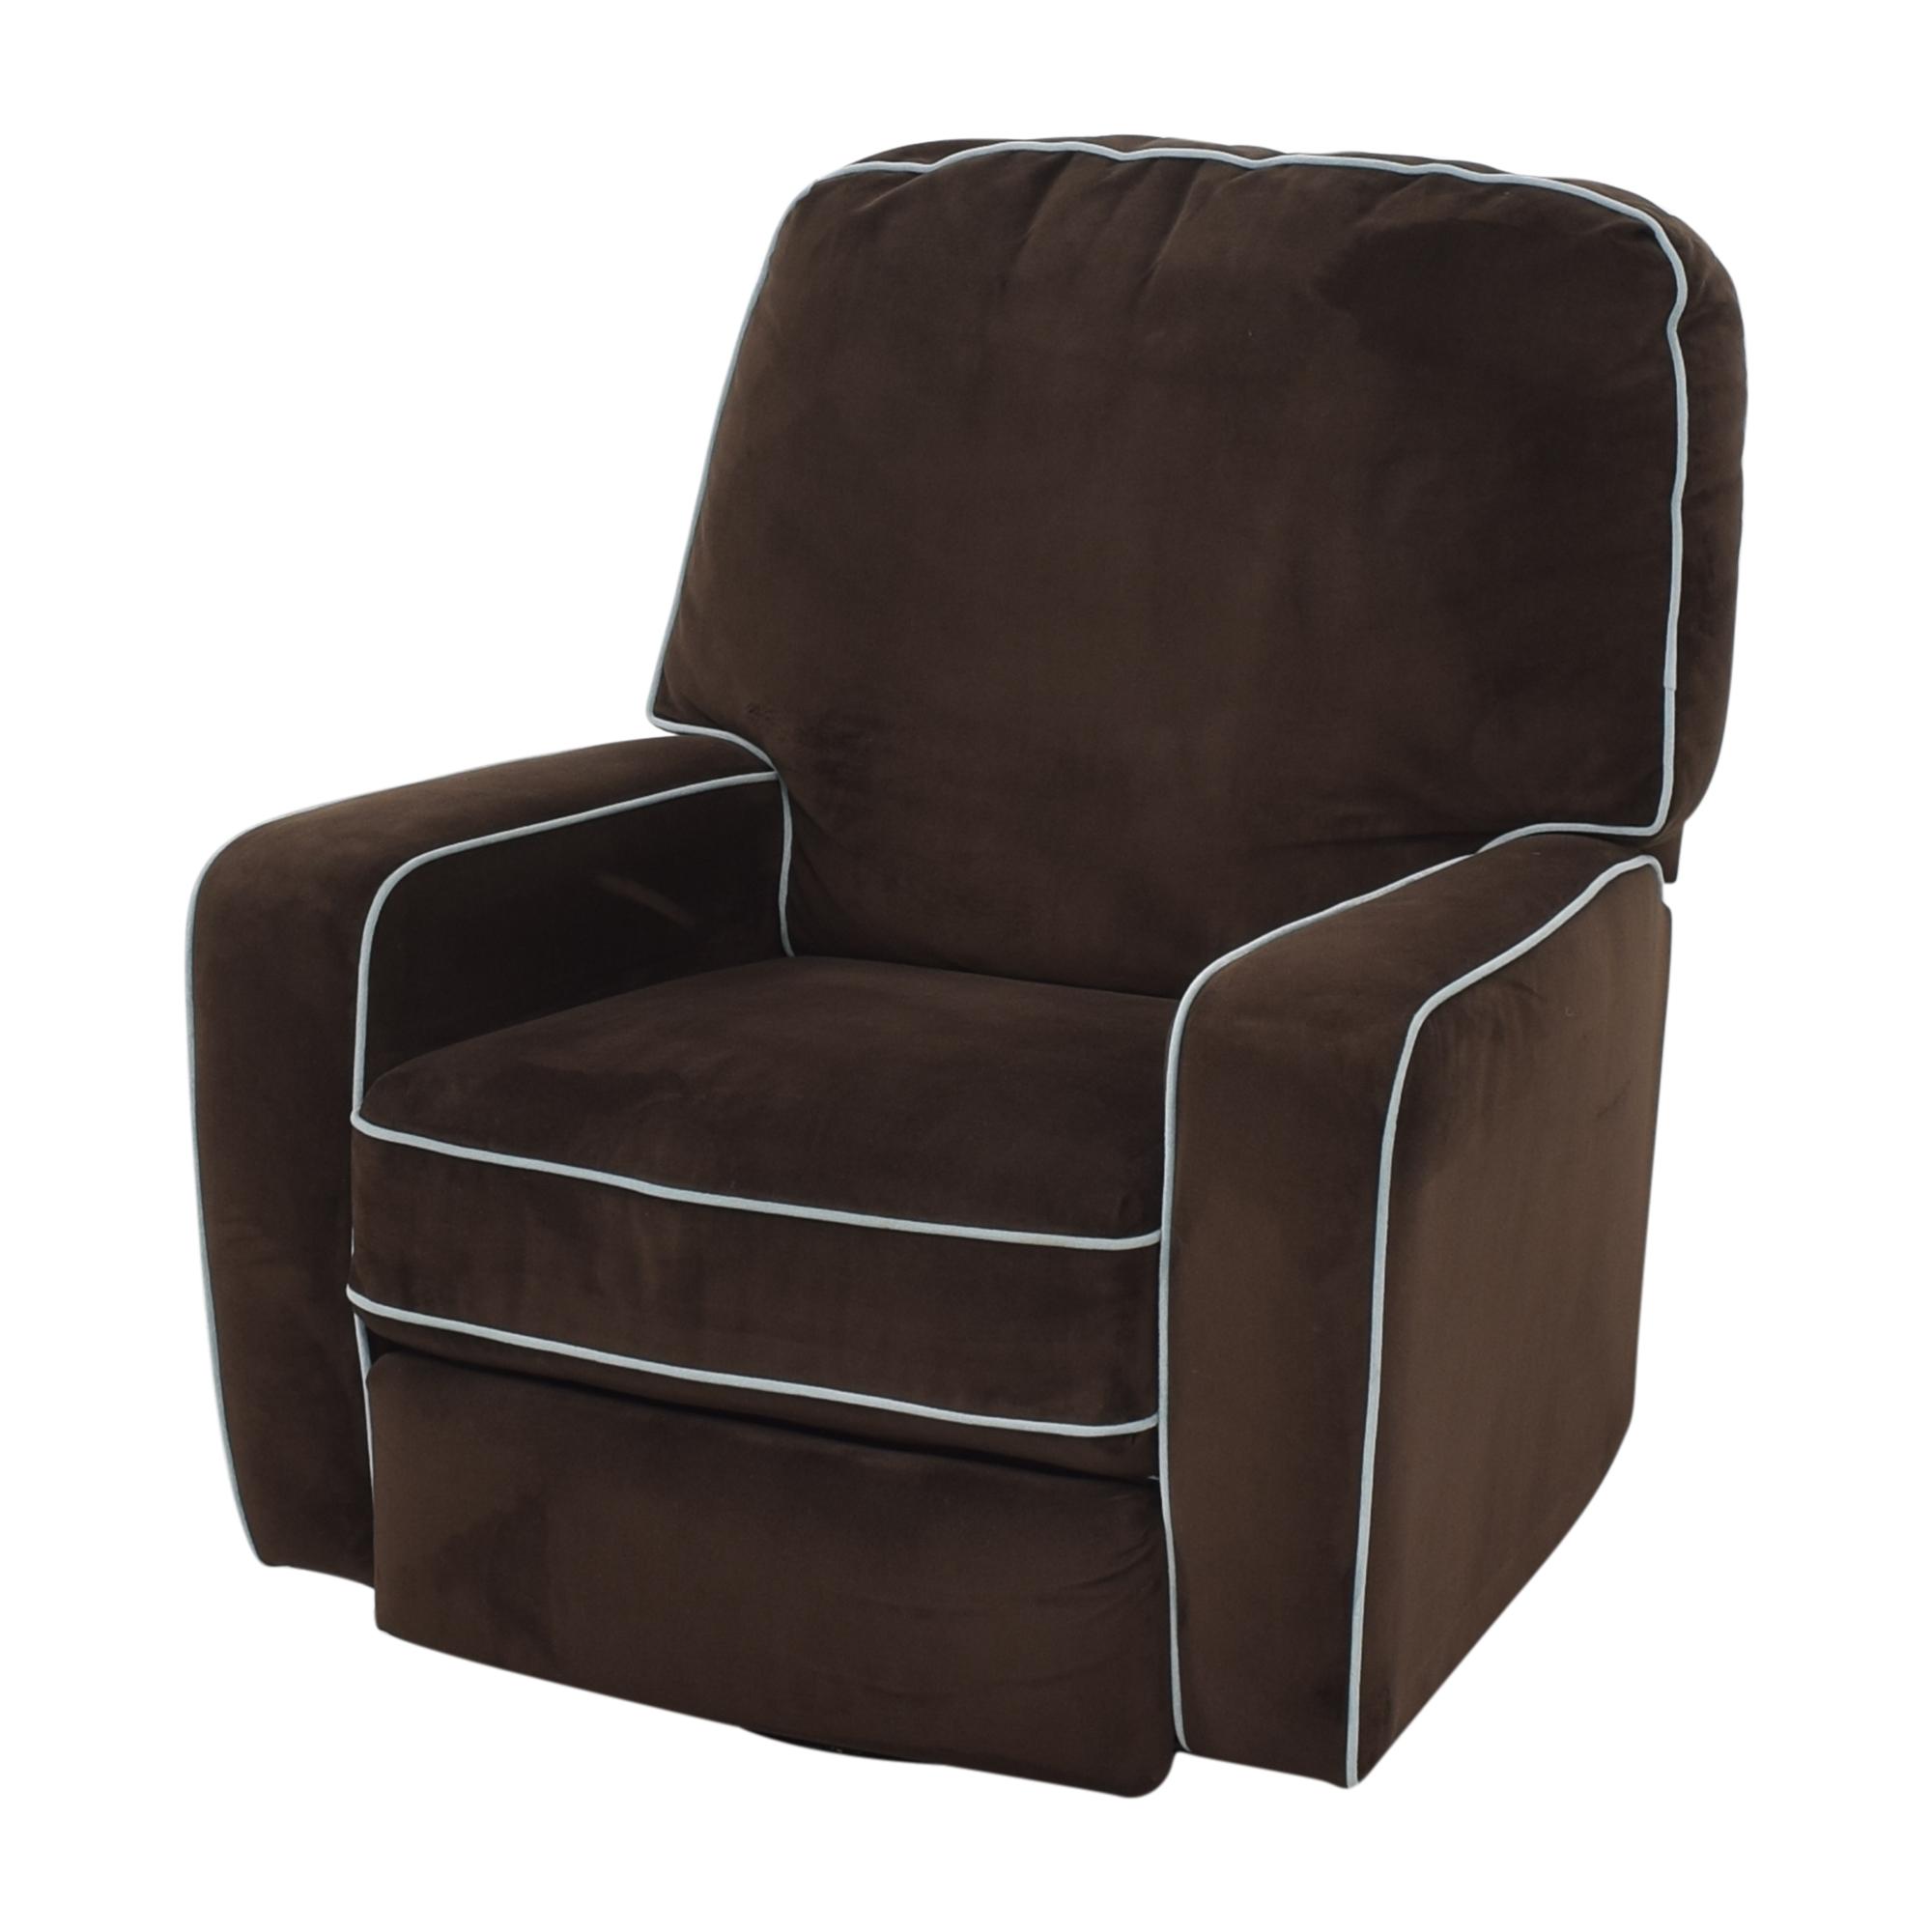 Best Chairs Best Chairs Bilana Swivel Glider Recliner